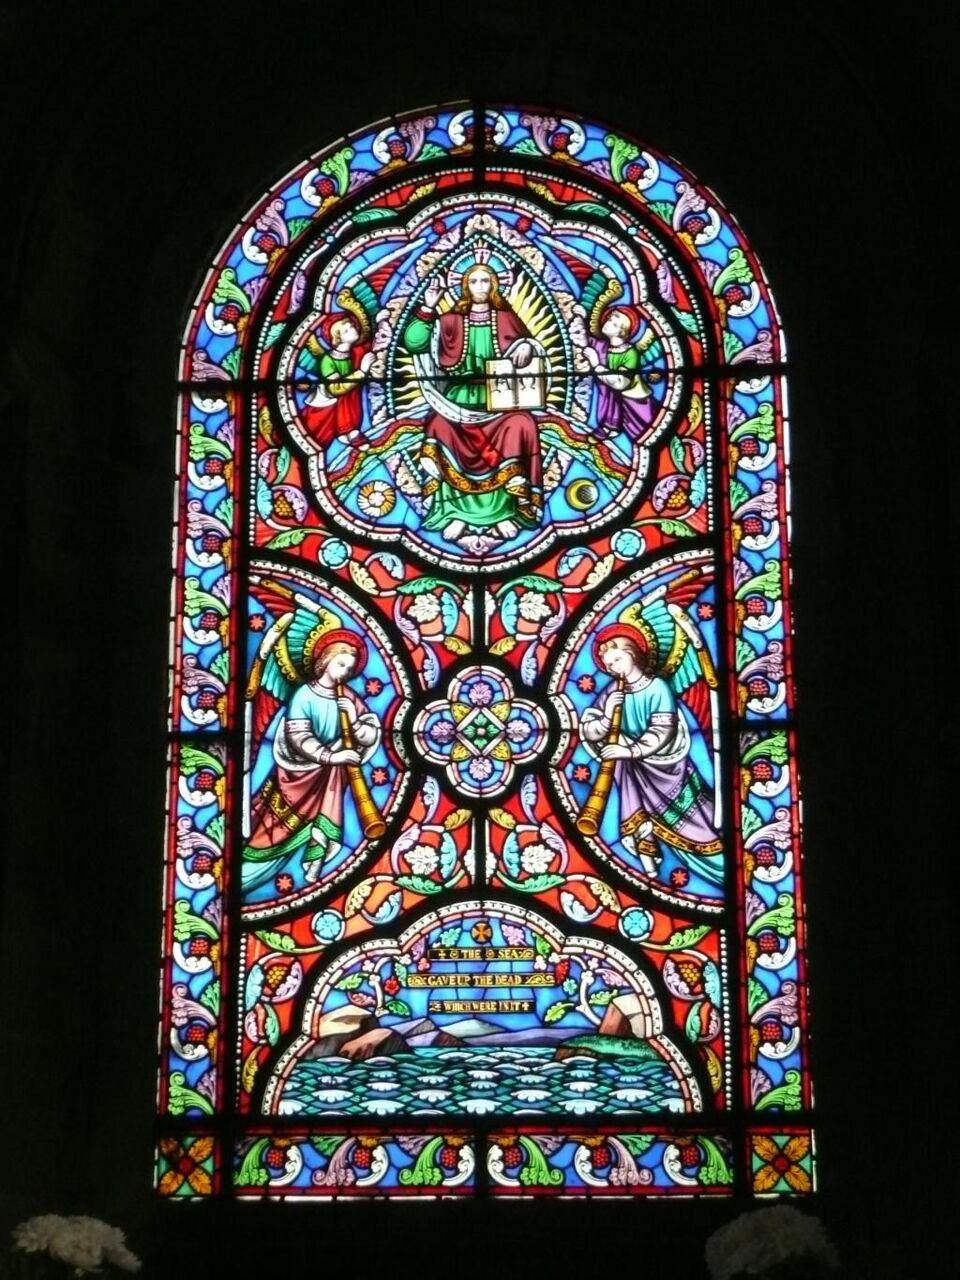 ステンドグラスは 壁紙は窓 建物 教会 窓ガラス 神聖な 高精細画像をめざしアニメーションをお教えします 材料を入力します 壁紙